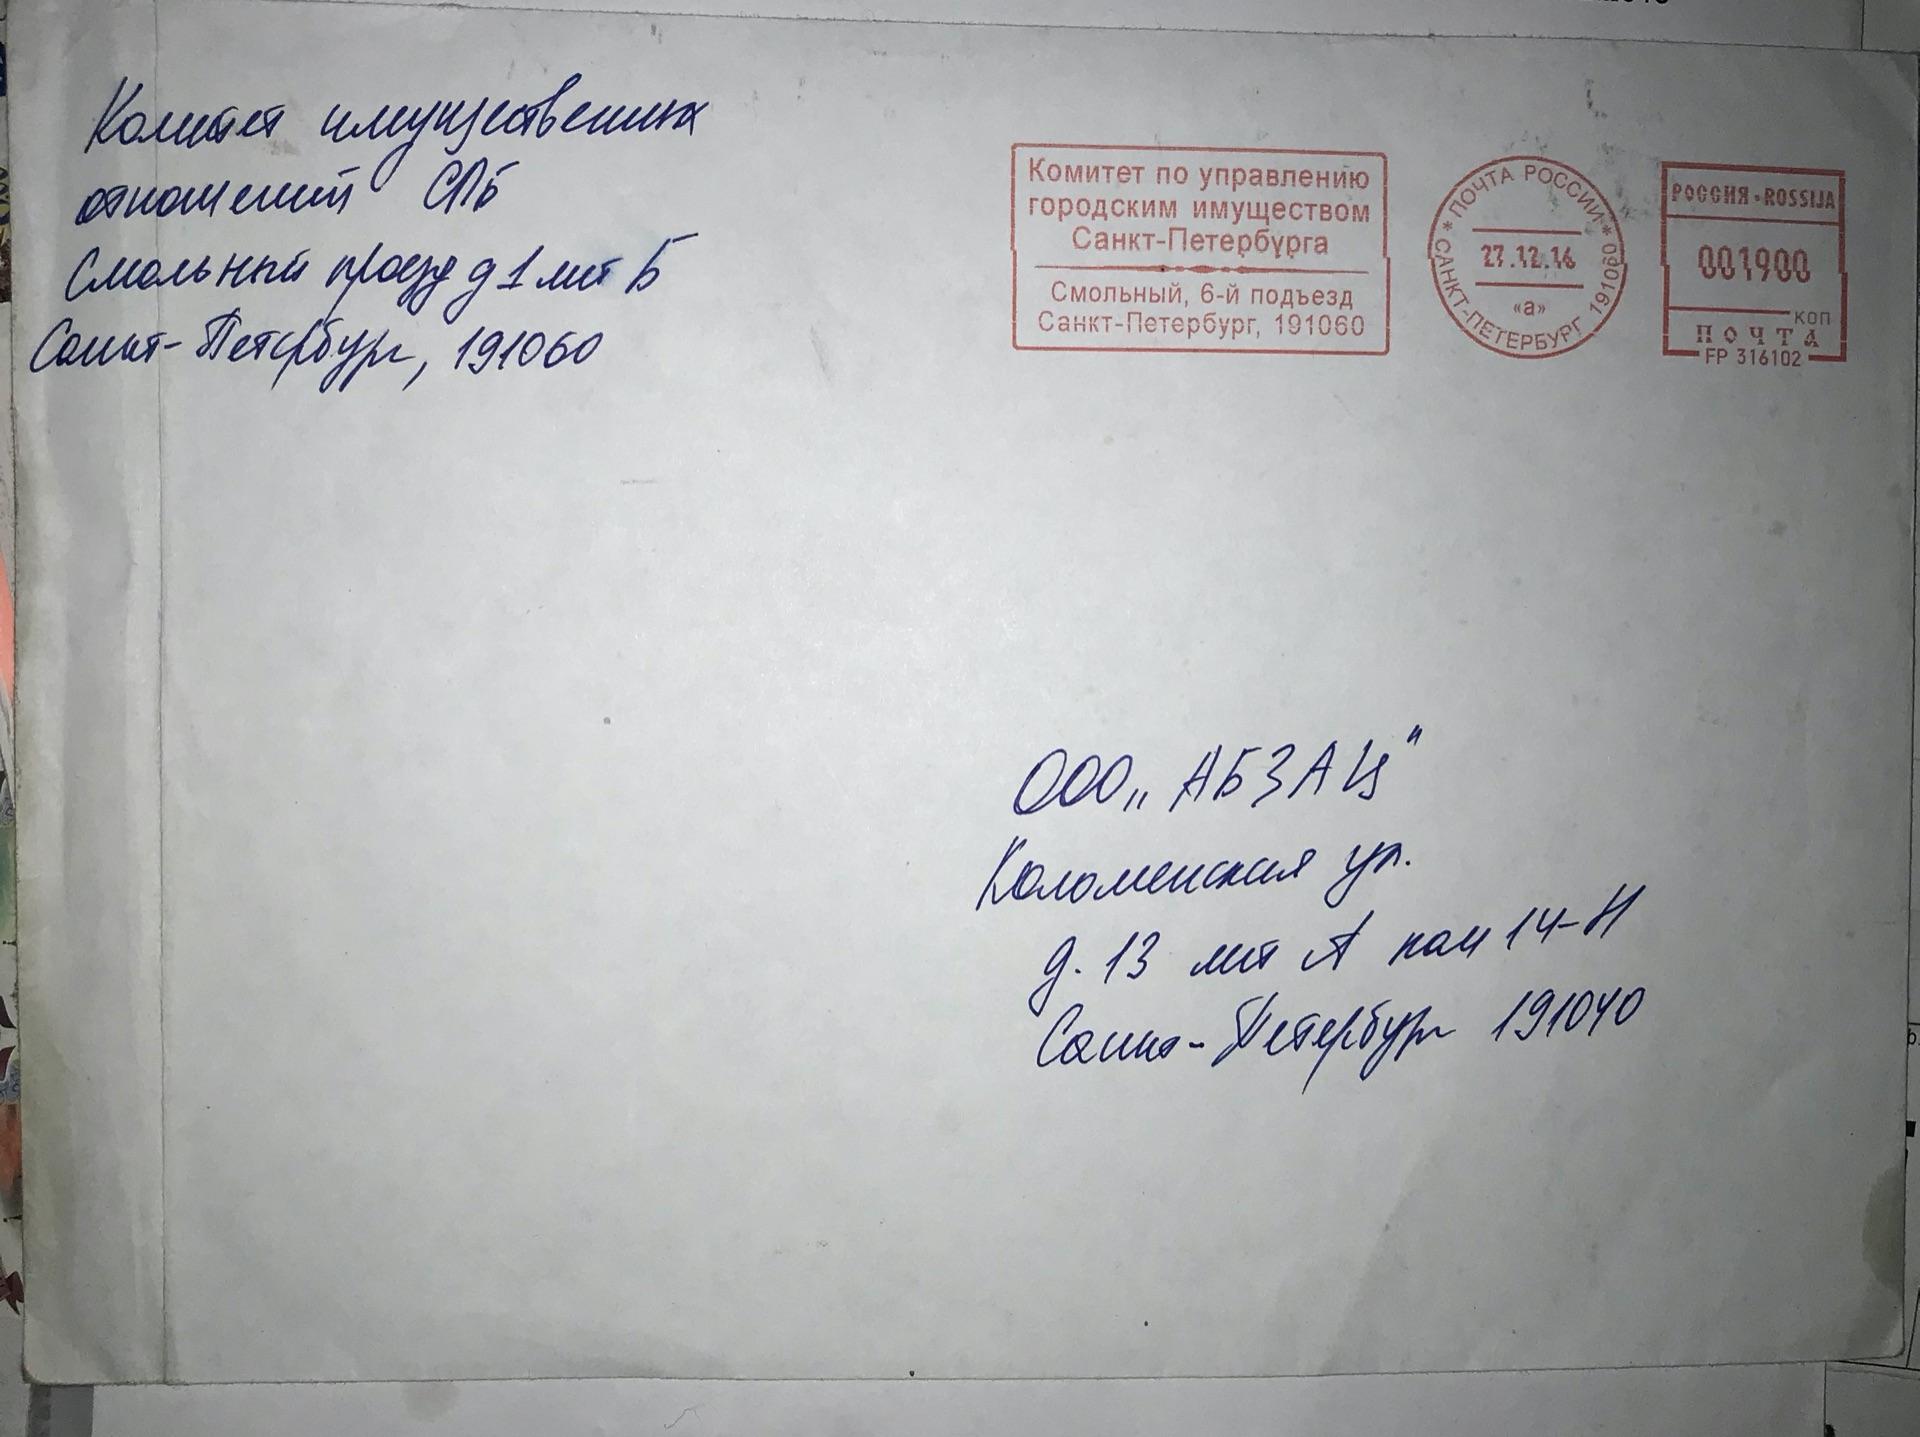 Лицевая сторона конверта Комитета в котором Компания получила акт Комитета о том что Комитет украл документы компании на аукционе